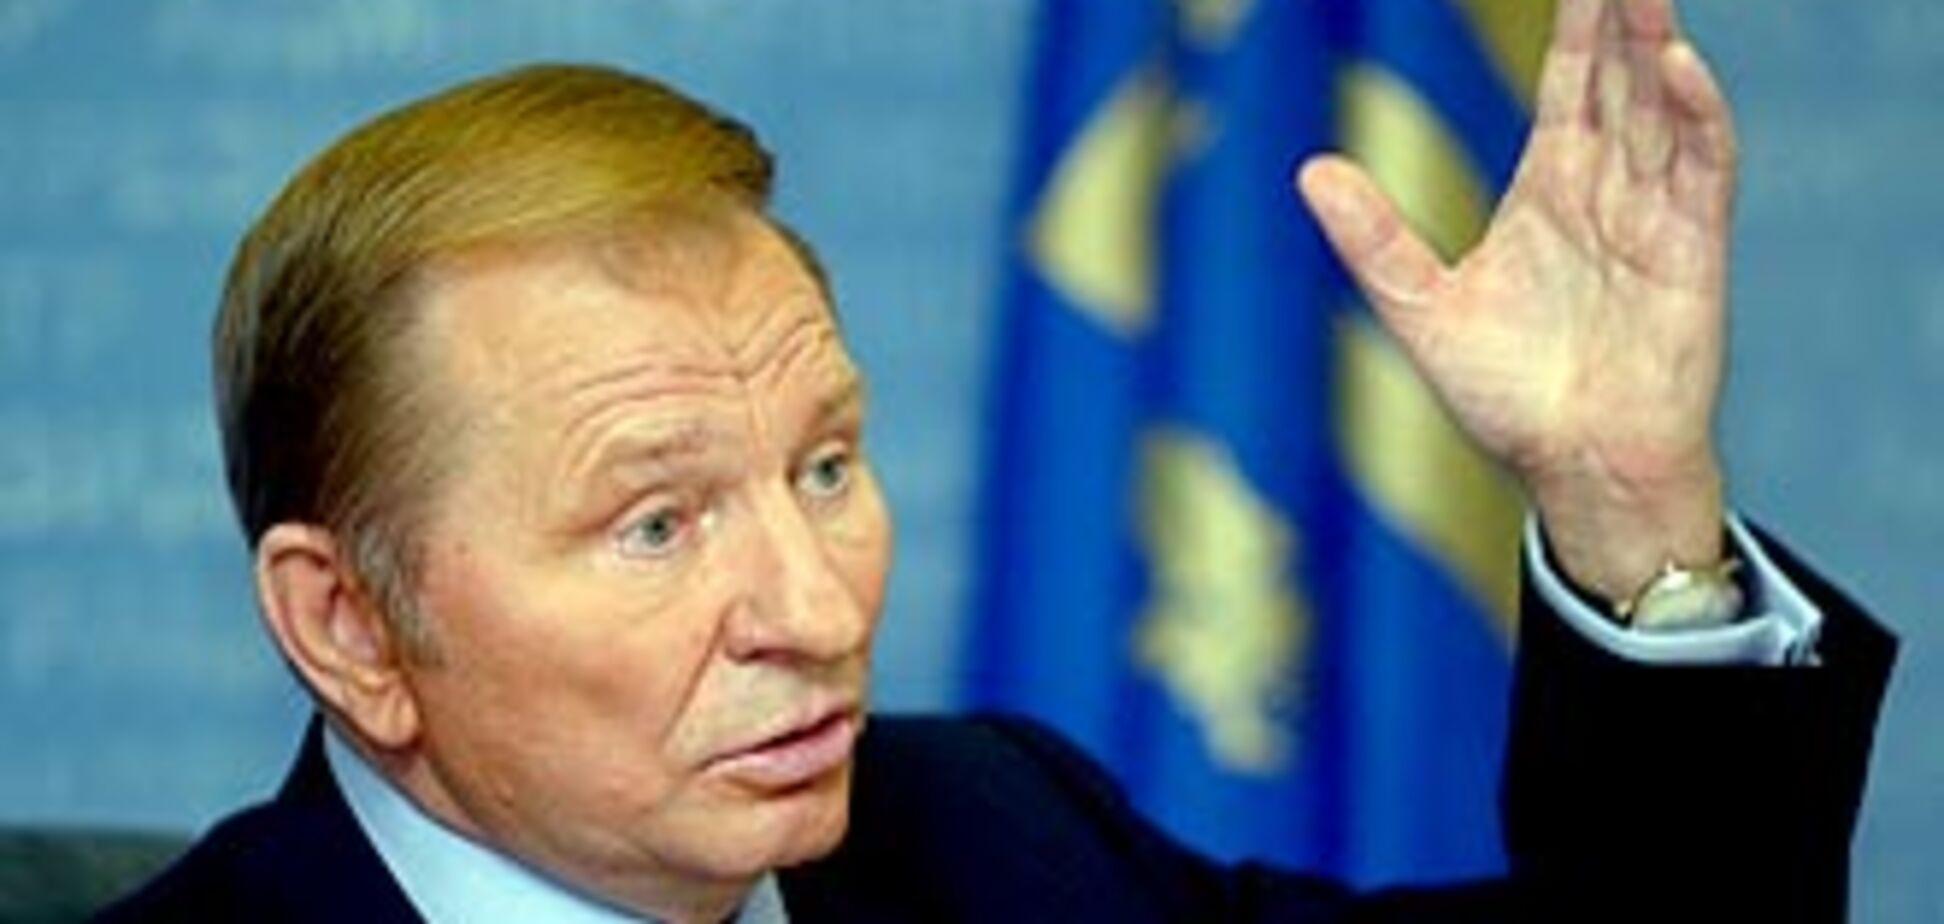 Кучма і Кравчук були кращими Ющенко